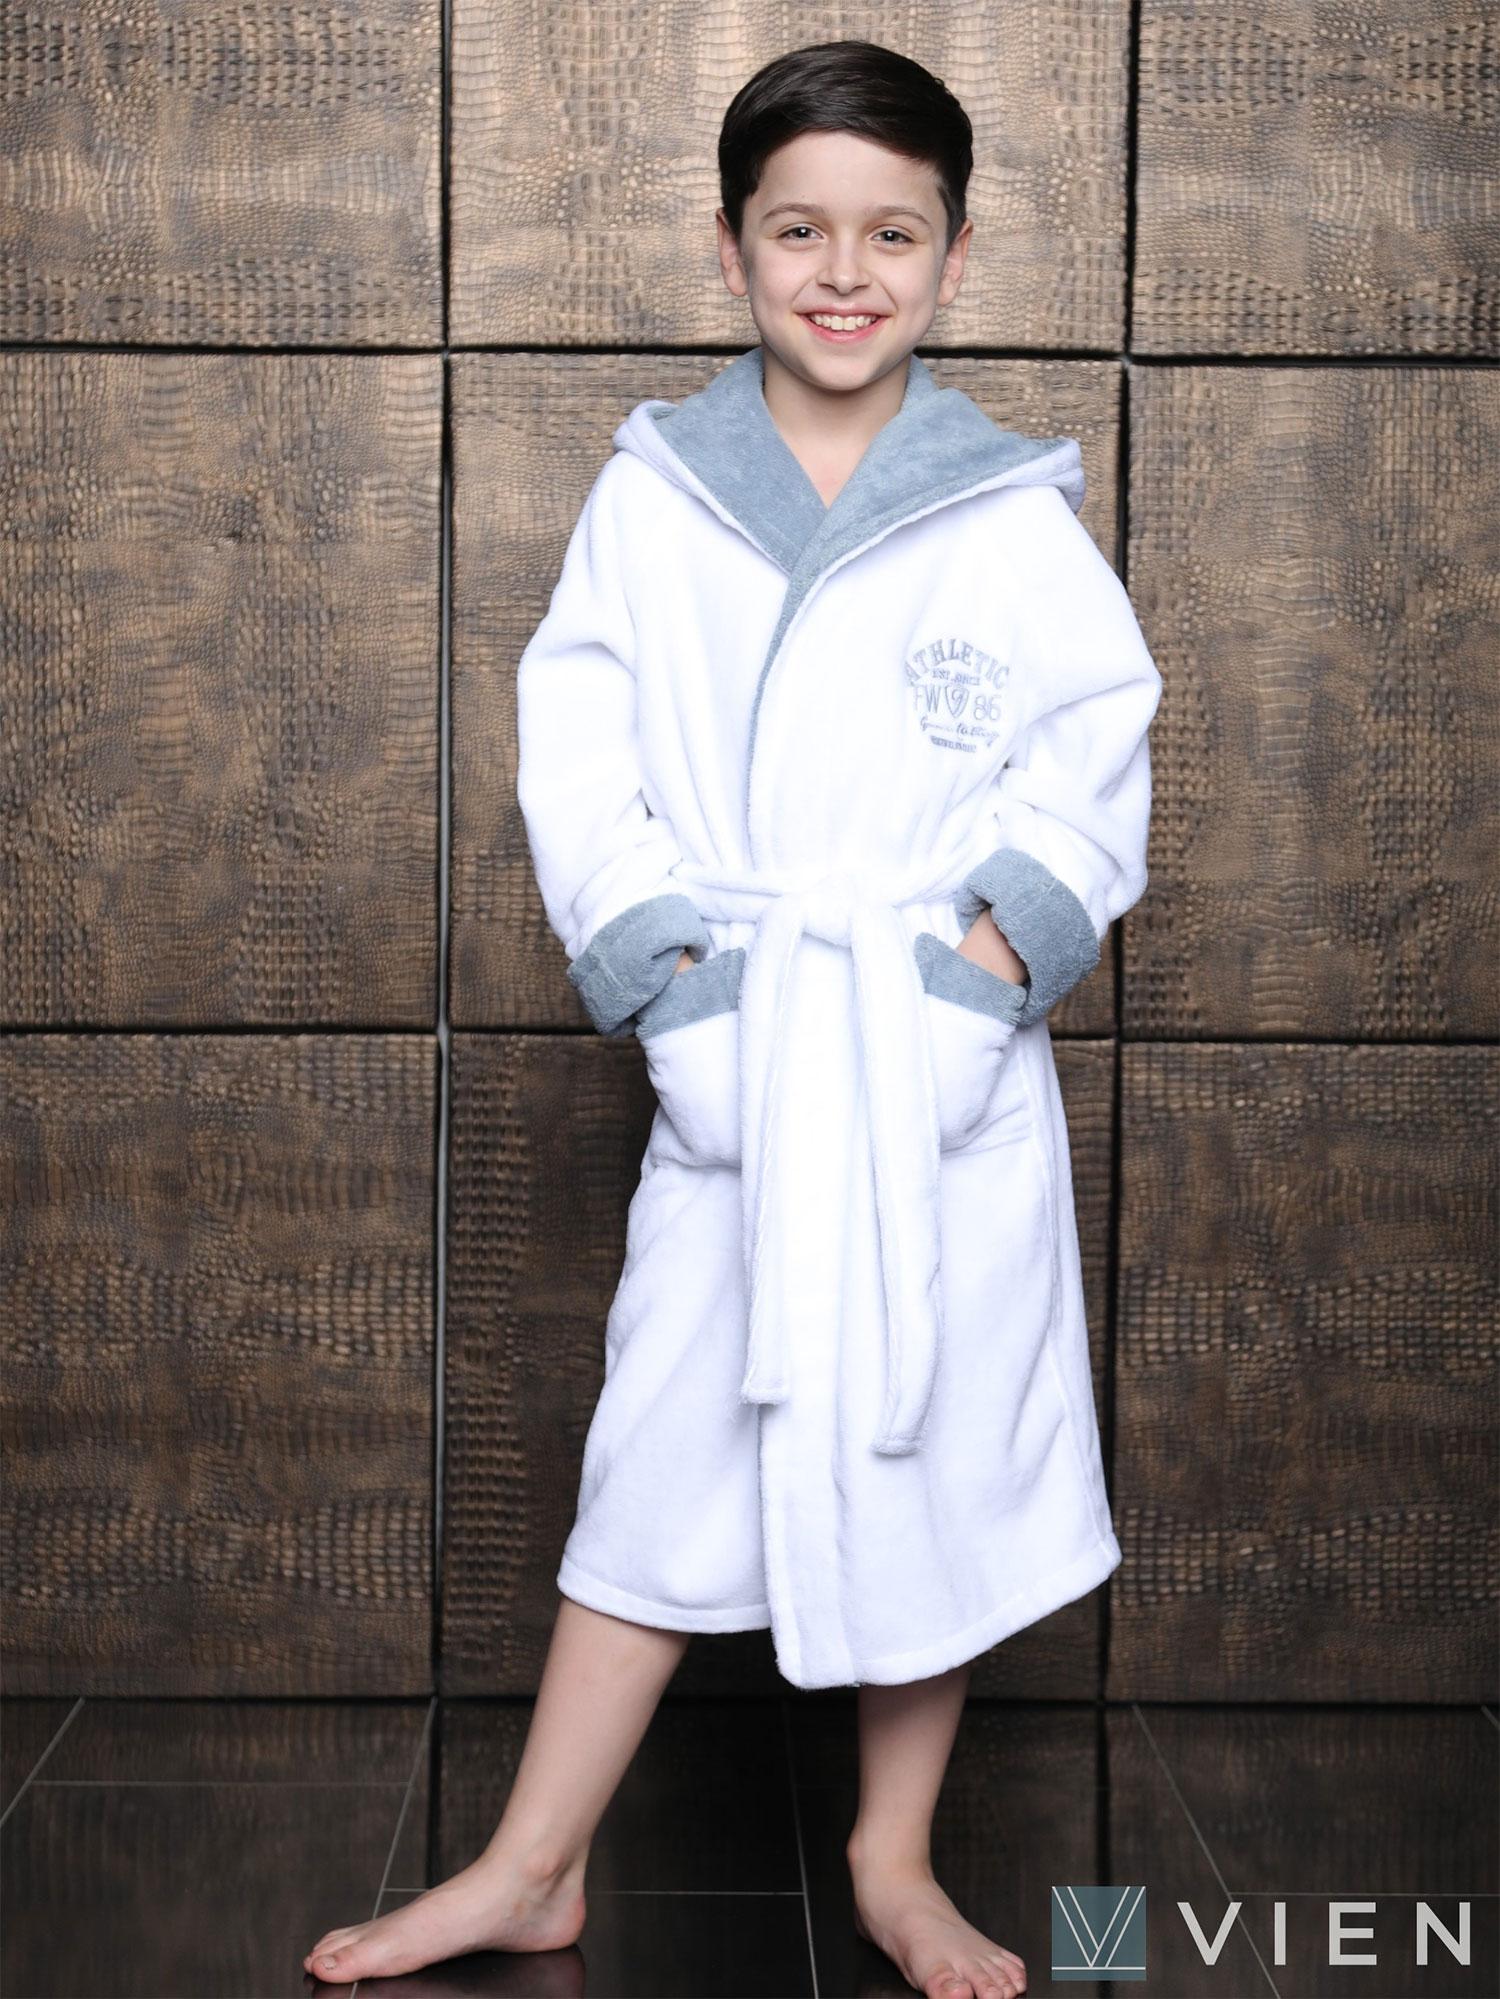 Подростковый халат с капюшоном Atletik junior белый Wien